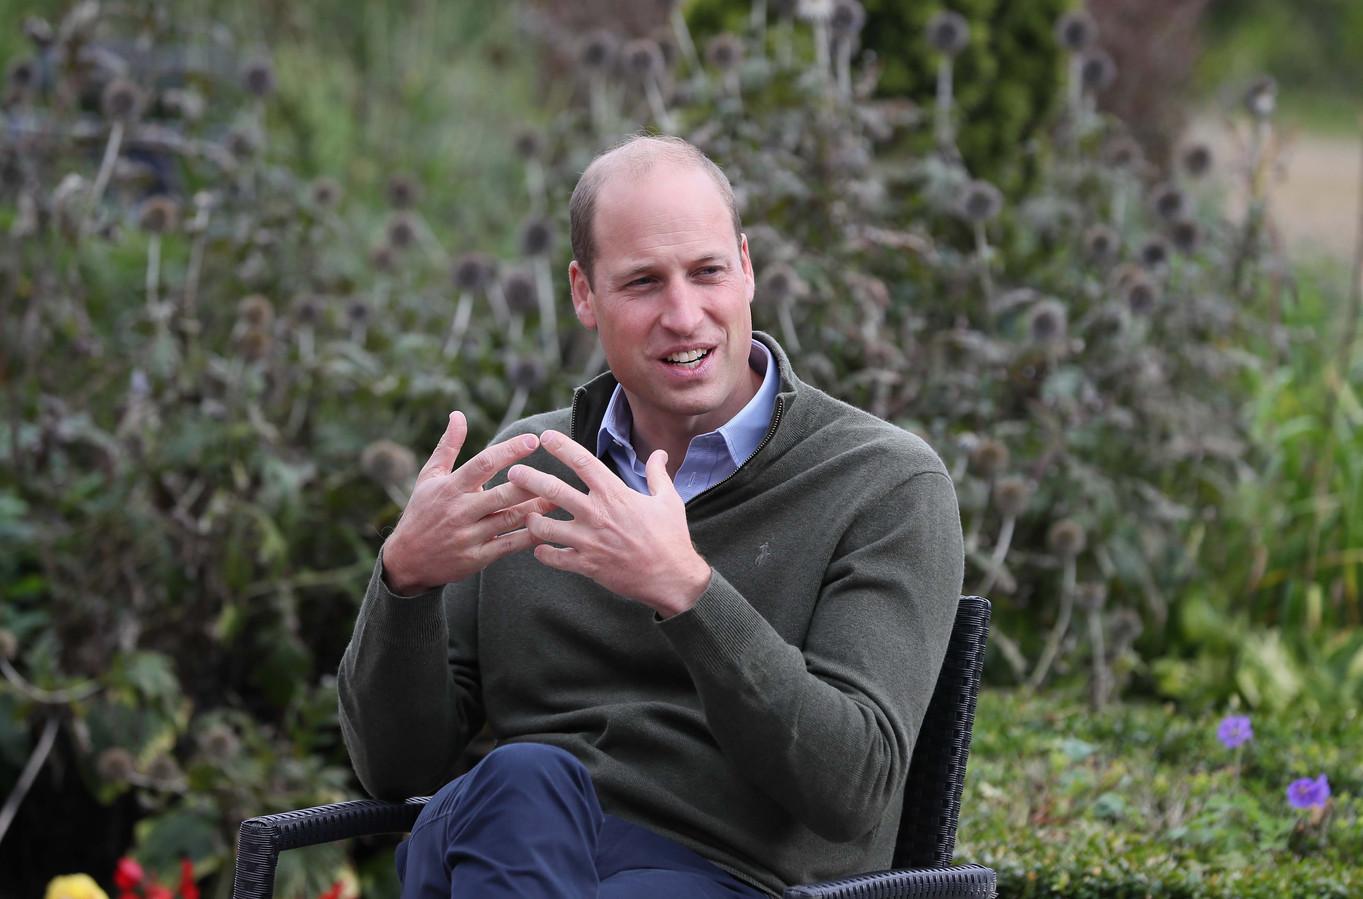 Prins William is dankzij de geboorte van zijn kinderen meer bewust van de natuur. Dat zegt hij in een nieuwe documentaire over zijn inzet tegen klimaatverandering.